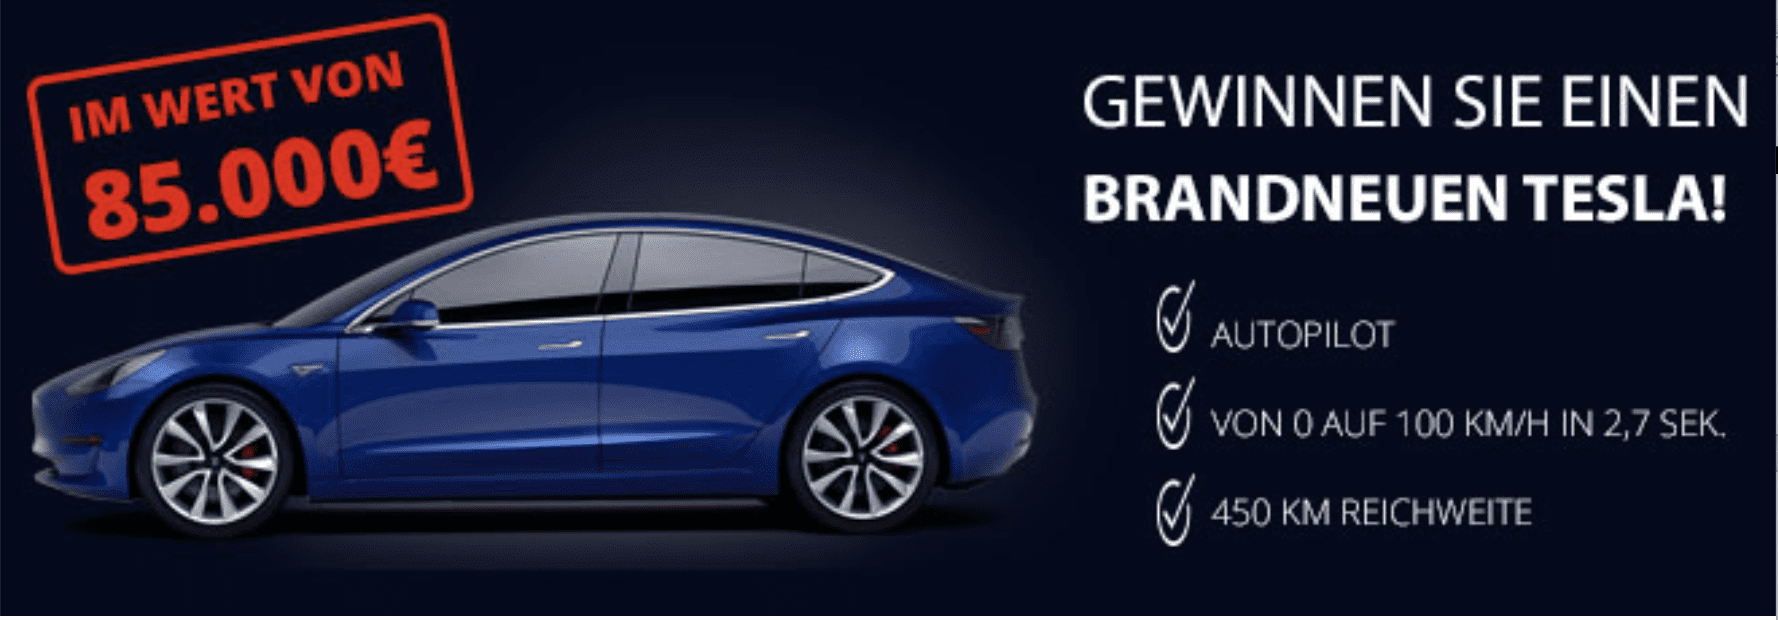 Gewinnspiele zur Lead-Generierung Tesla